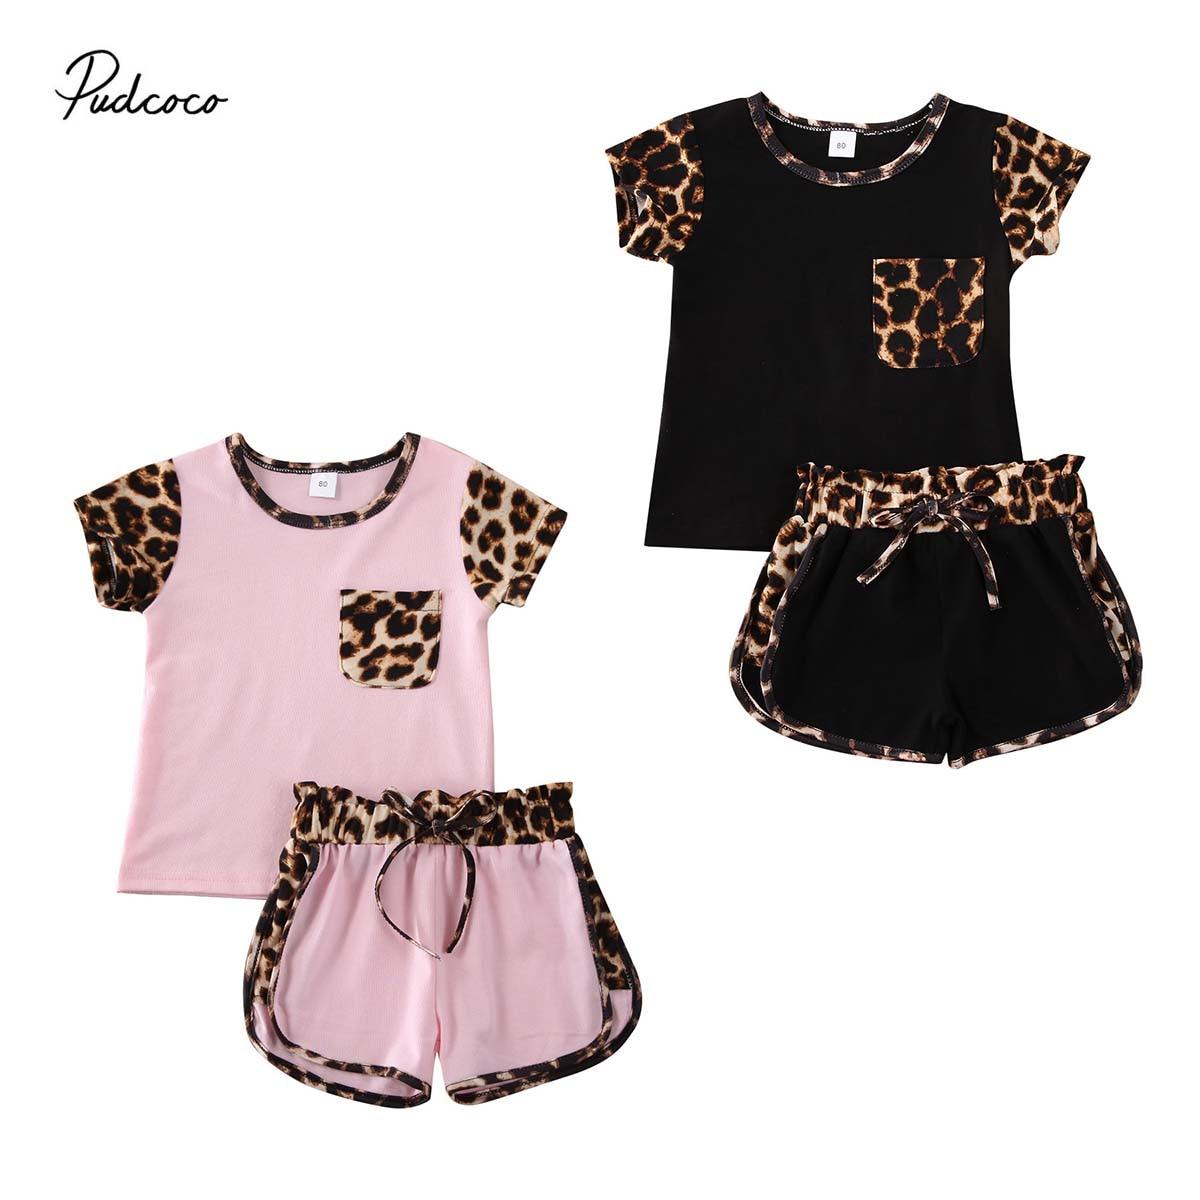 Новое поступление, летняя одежда для малышей, От 1 до 6 лет топы с короткими рукавами и леопардовым принтом для маленьких девочек, рубашка кор...